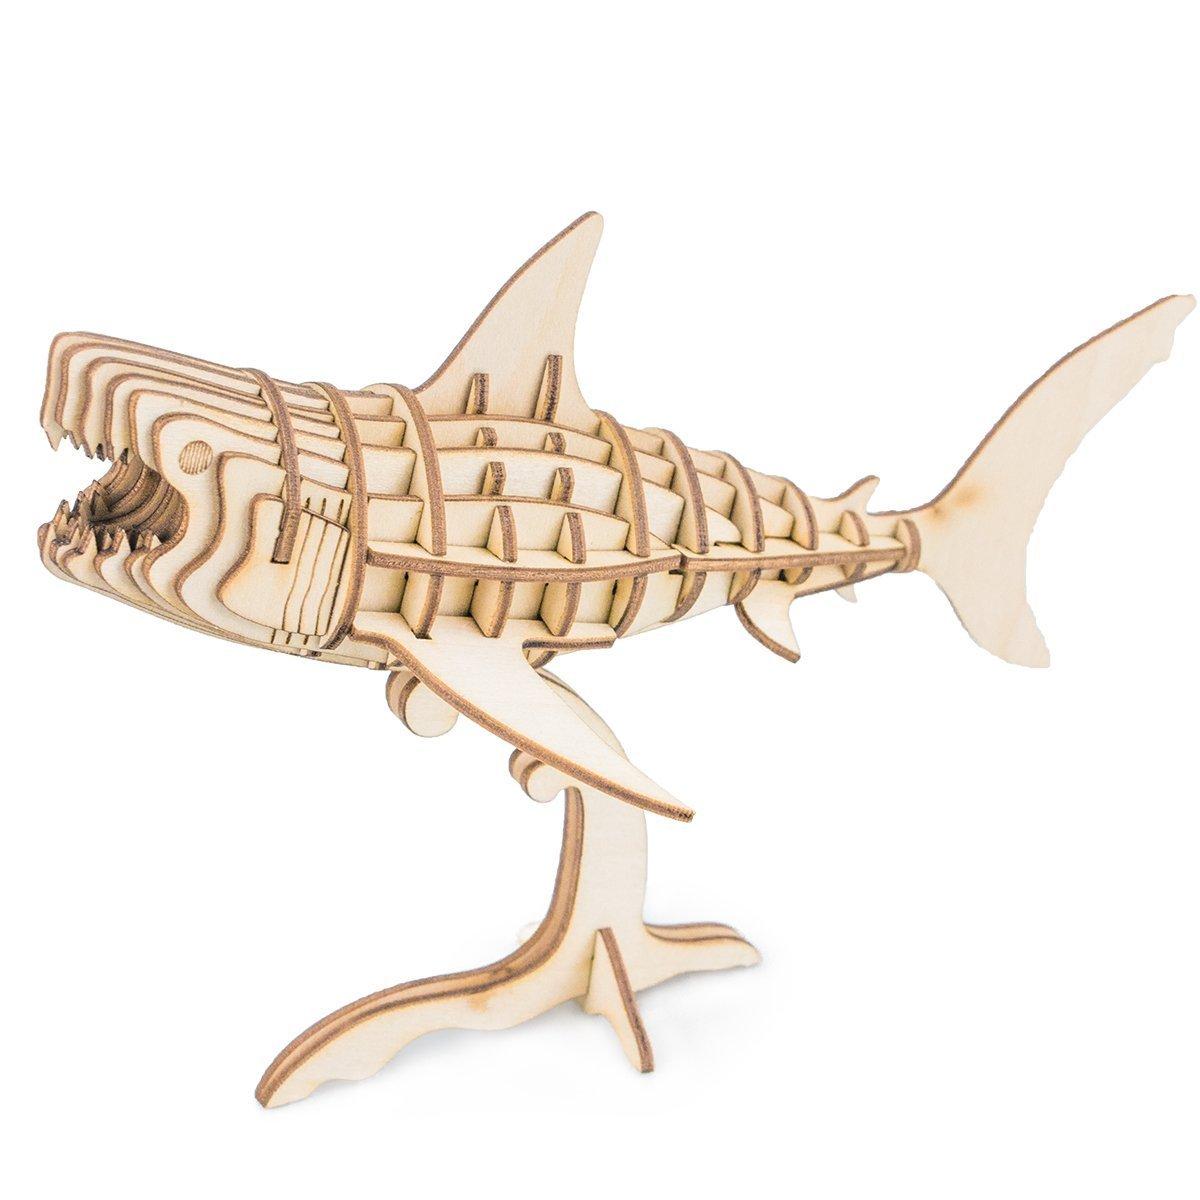 【楽天スーパーセール】 Adorn Life 3d木製パズルDIYモデルトイシミュレーション動物アセンブリゴリラホーム装飾と練習忍耐力を強化するaccomplishment子供と大人のセンス Adorn Sea animals Adorn サメ Life Sea animals Life サメ B077HFB3N7, シウラムラ:7f1b860e --- clubavenue.eu